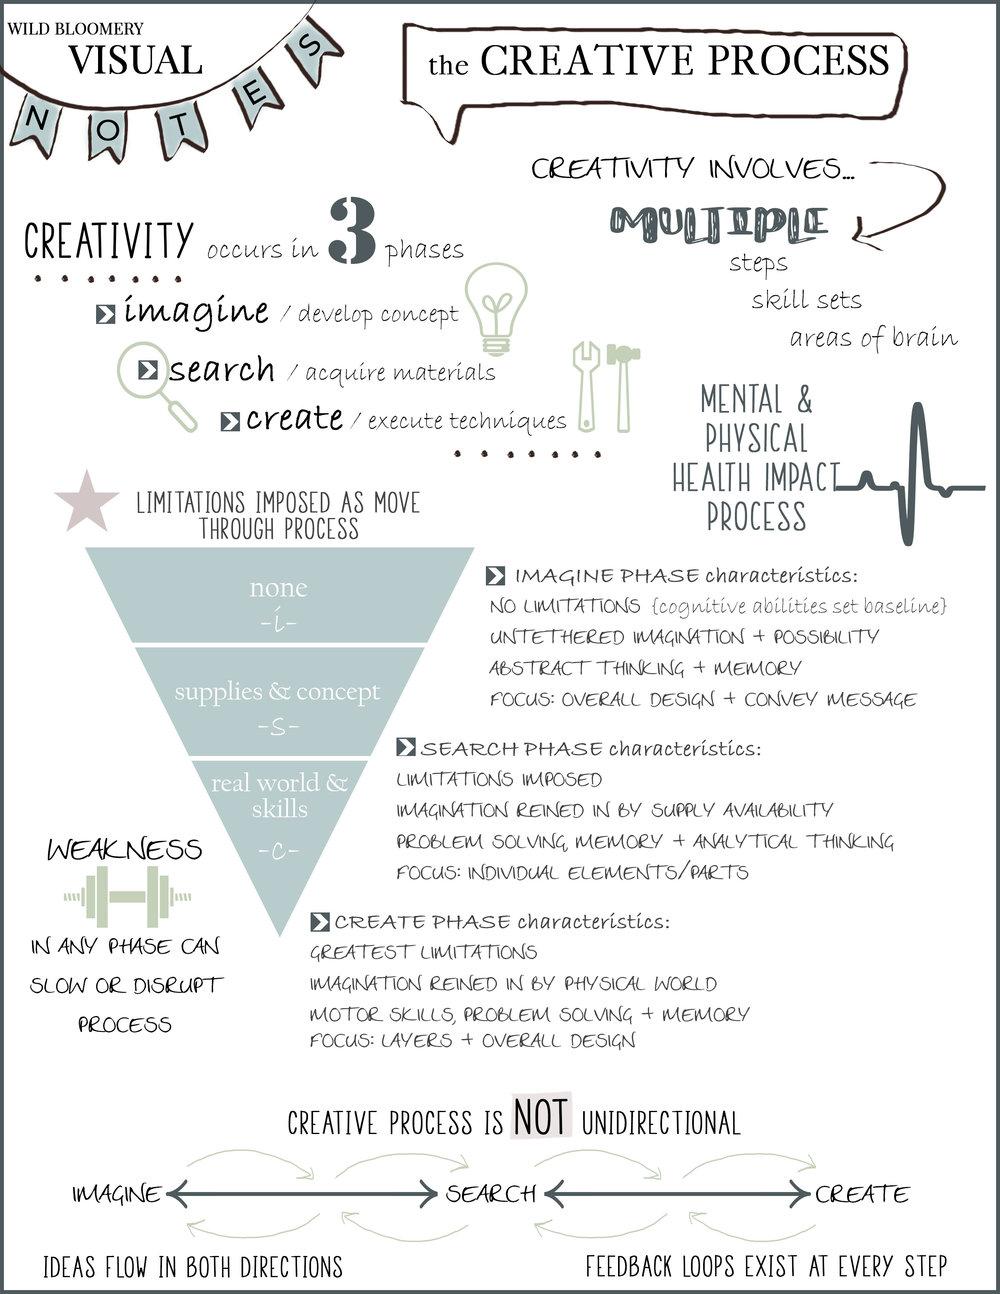 visual notes creative process.jpg